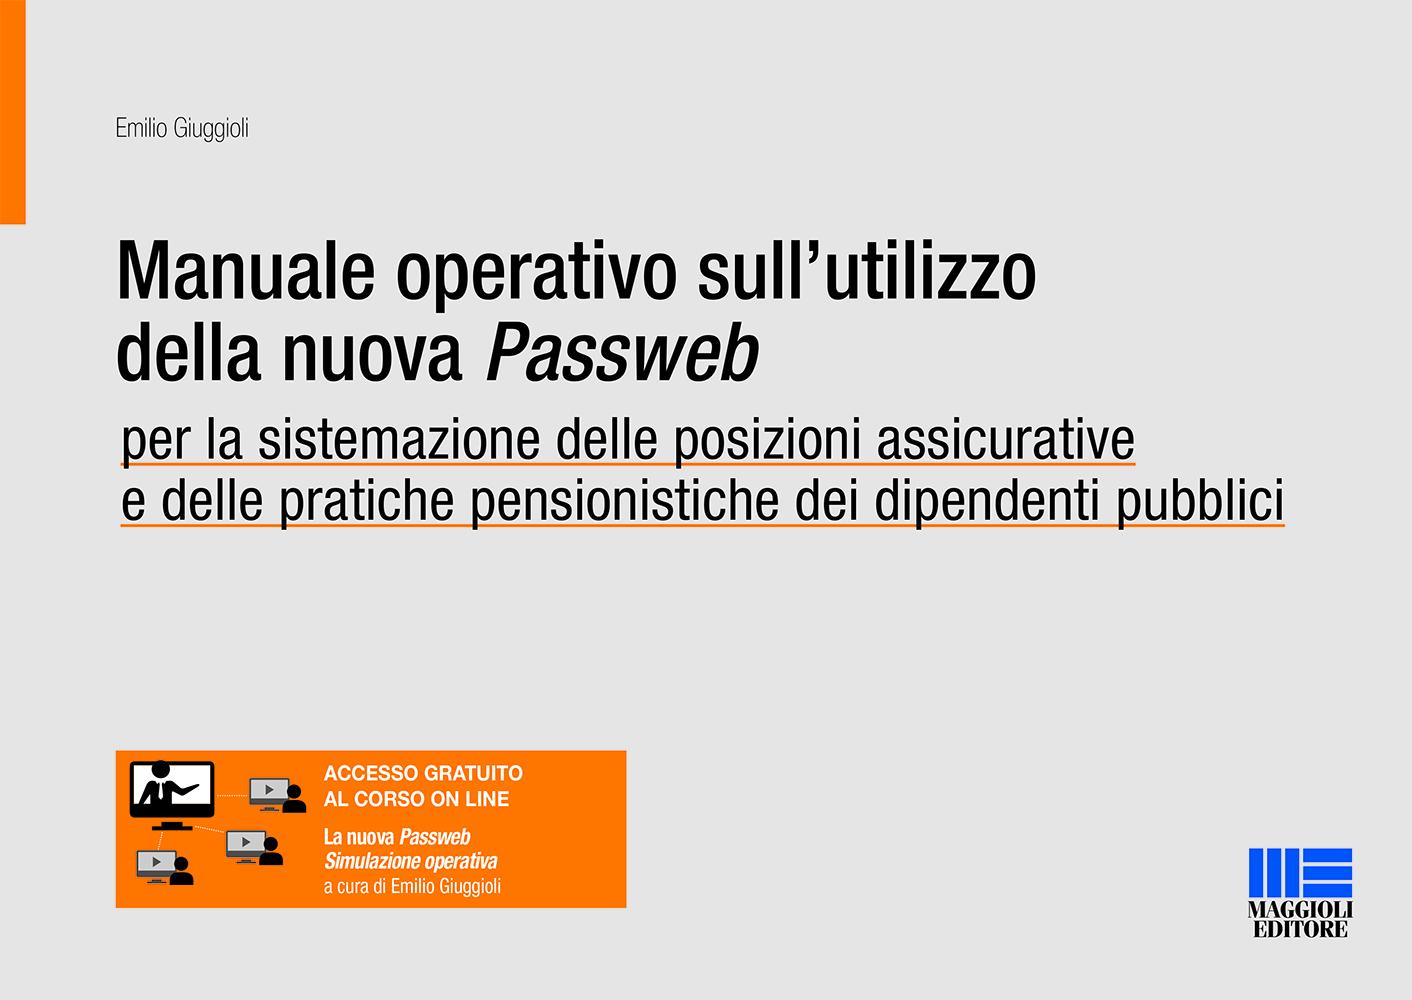 Manuale operativo sull�utilizzo della nuova Passweb